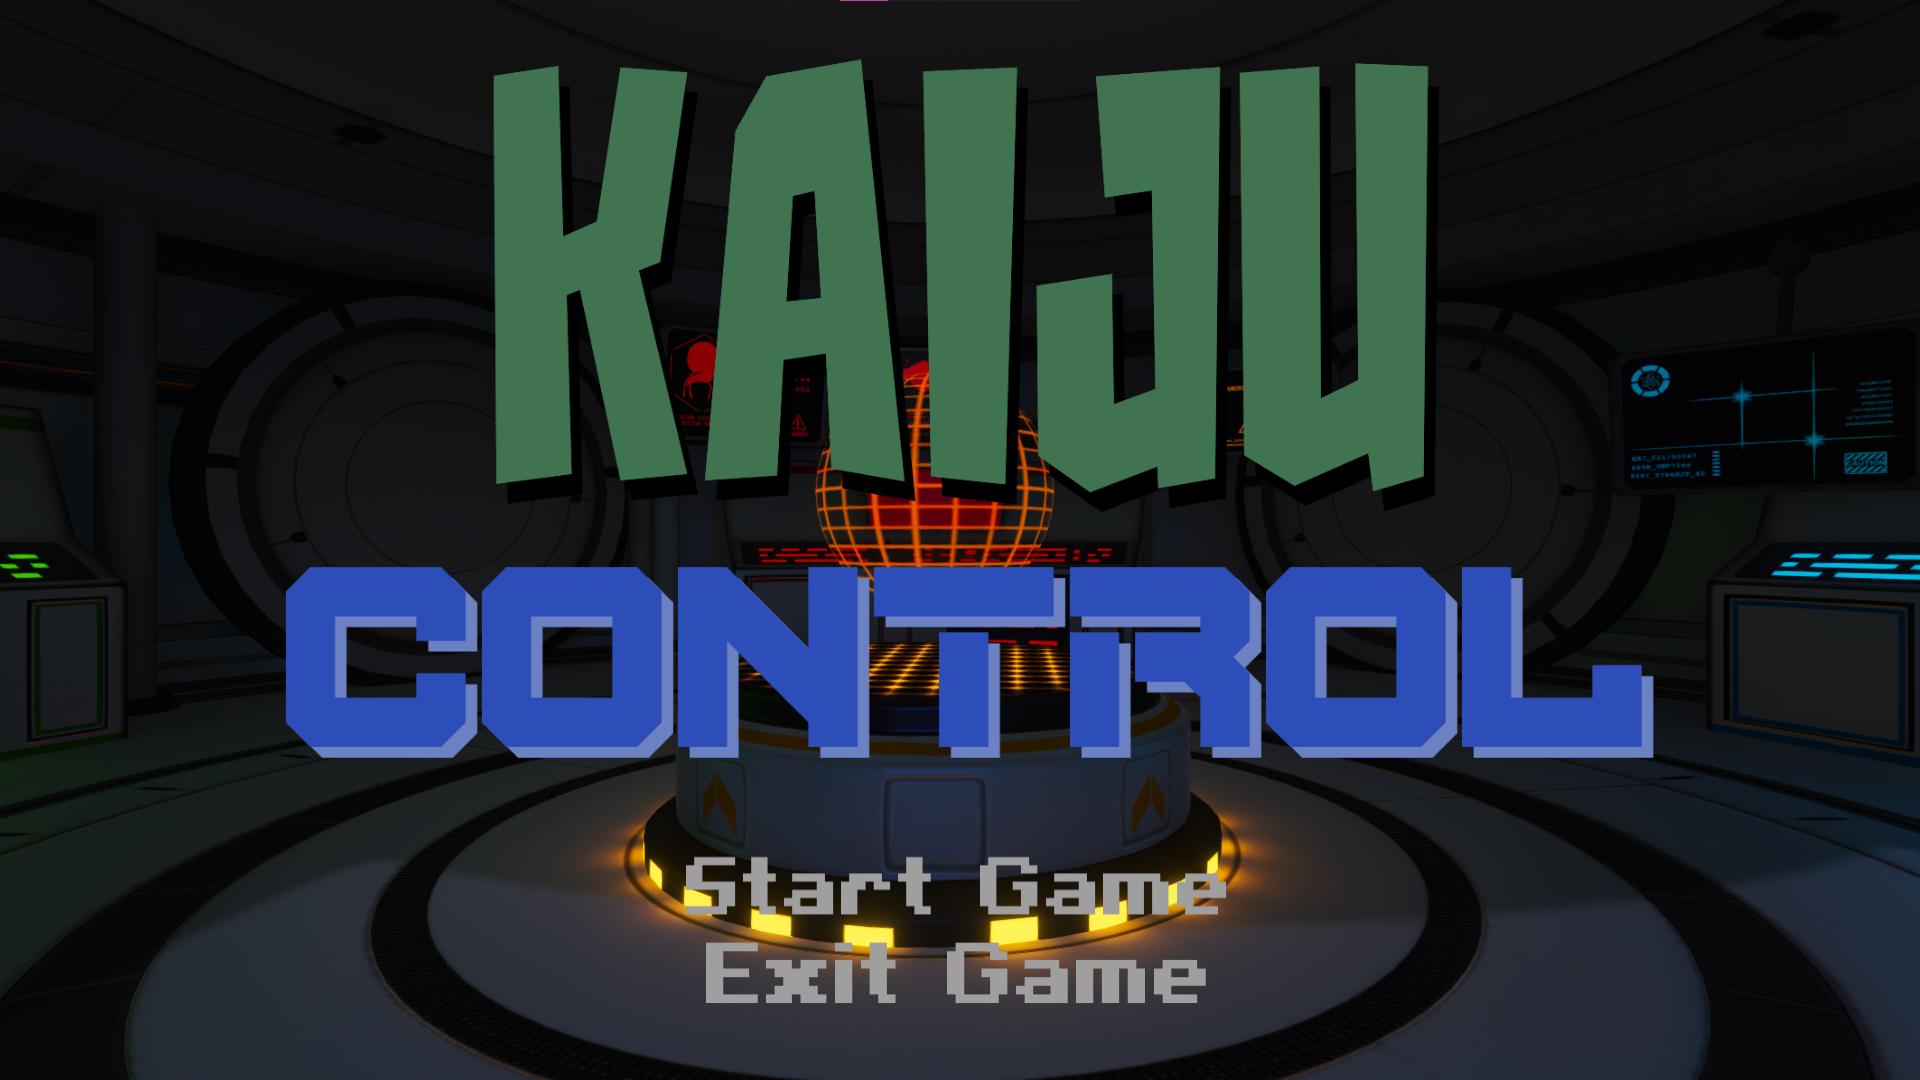 Kaiju Control